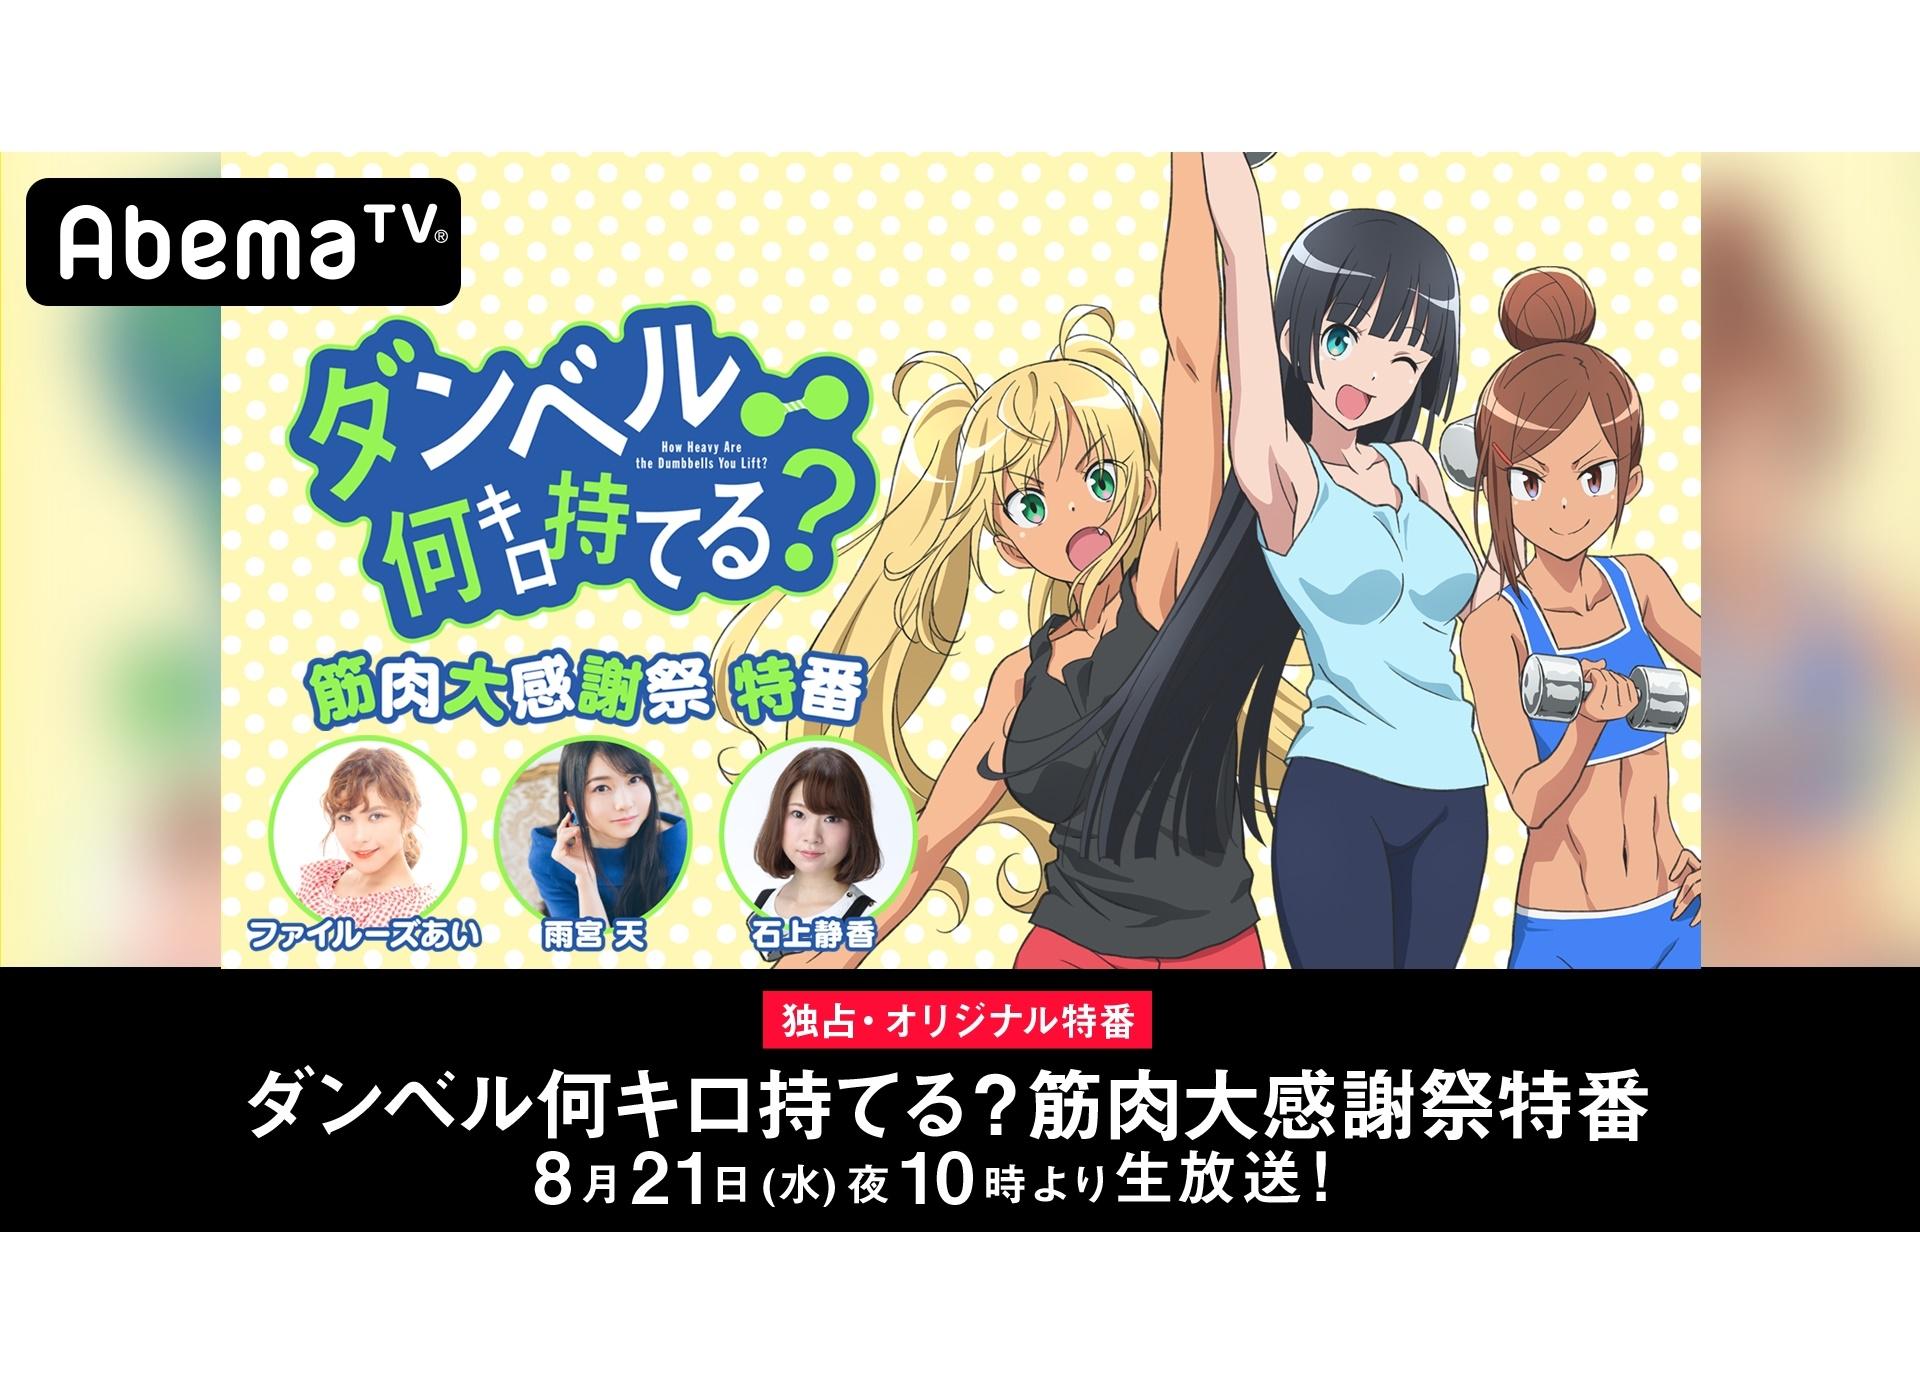 夏アニメ『ダンベル何キロ持てる?』特番がAbemaTV独占生放送